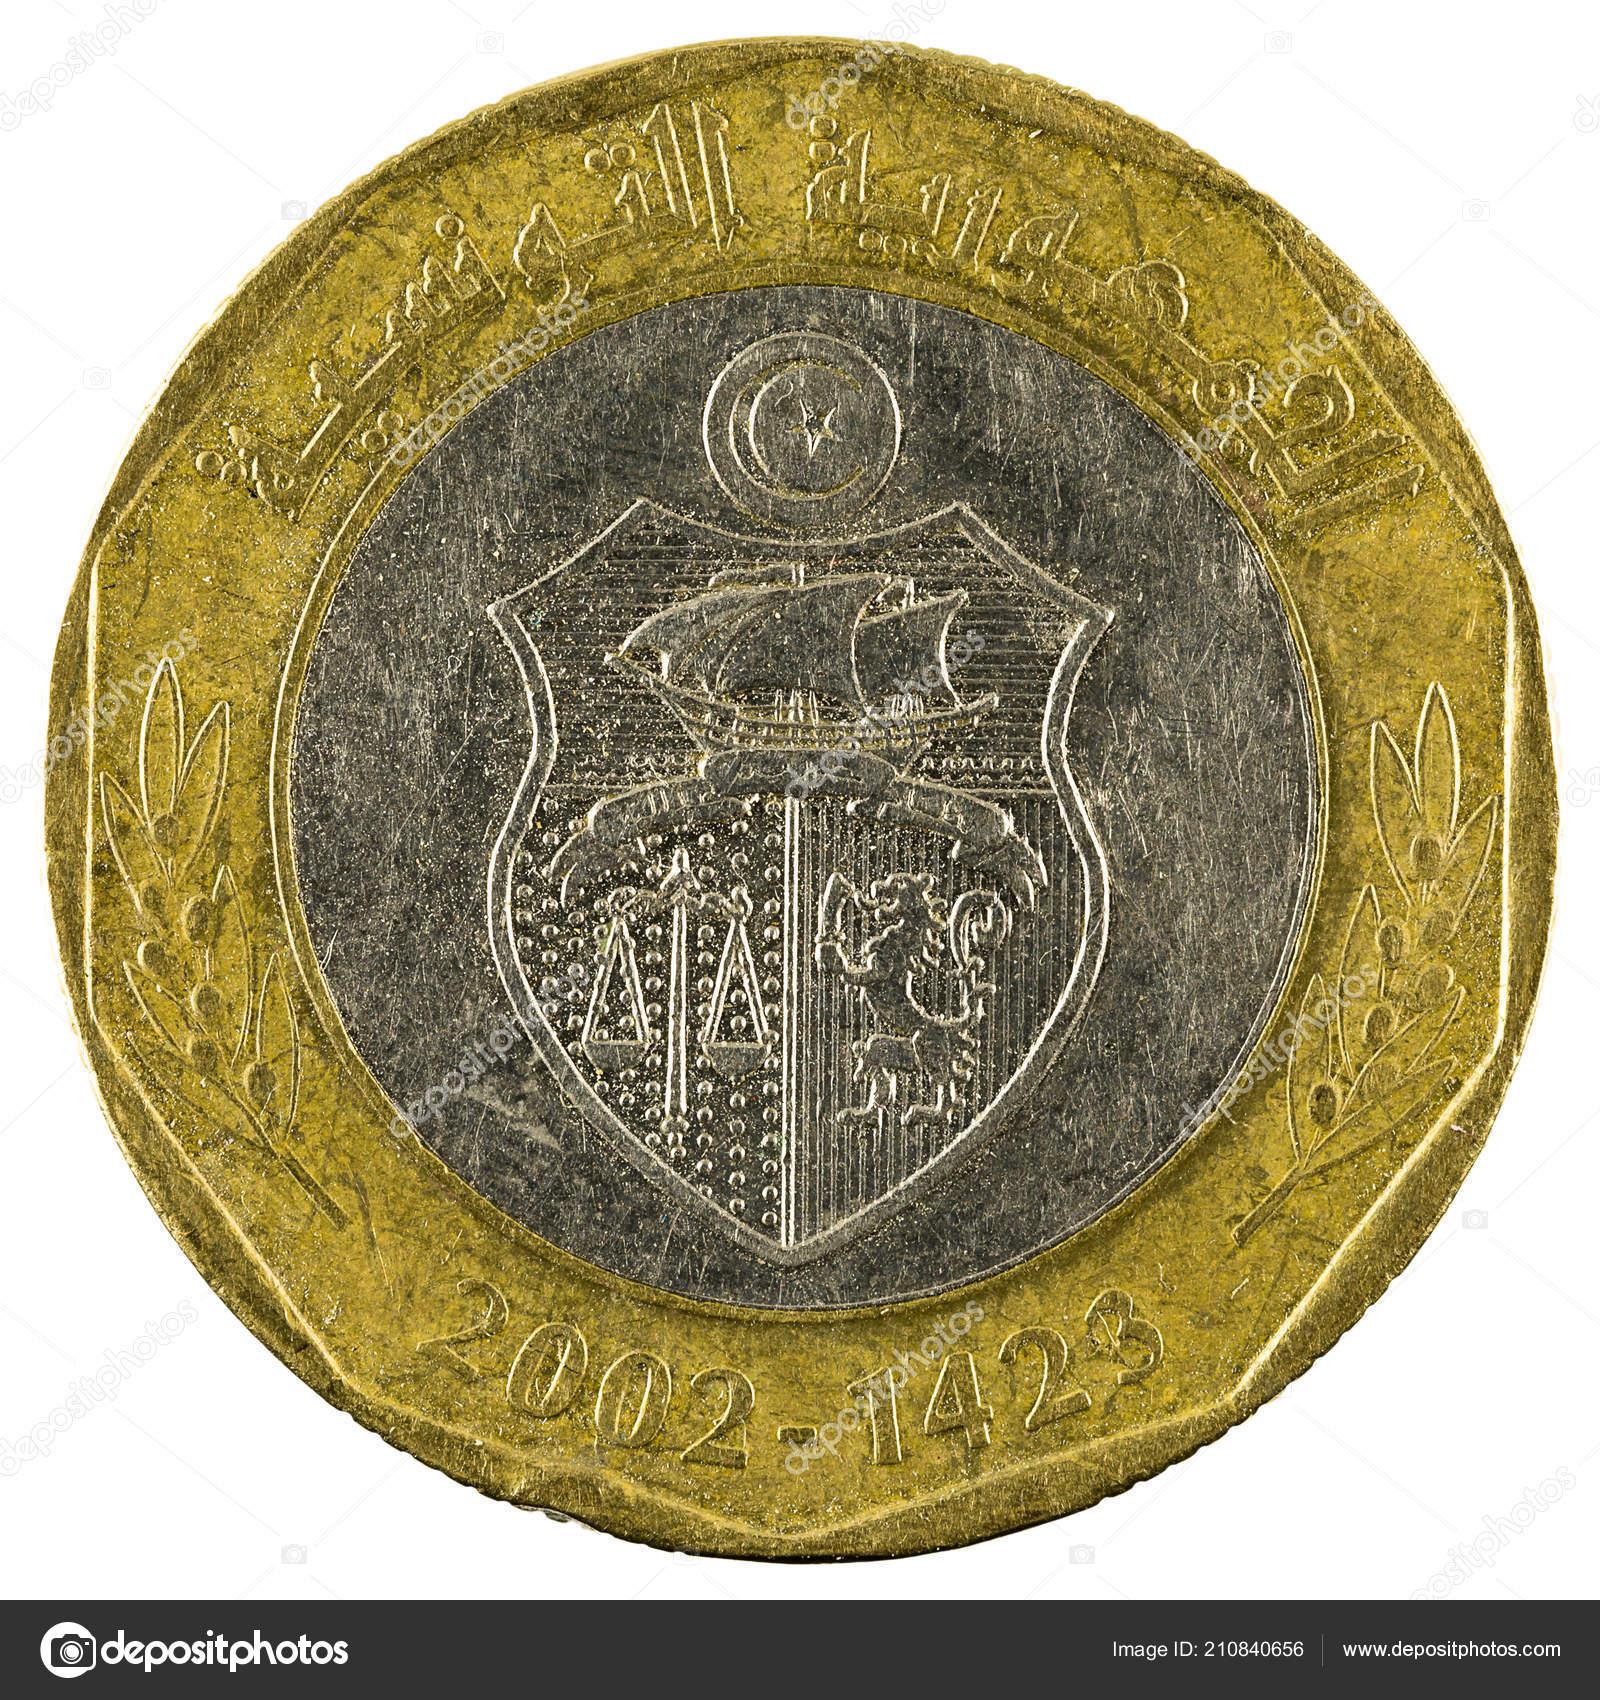 Fünf Tunesische Dinar Münze 2002 Isoliert Auf Weißem Hintergrund